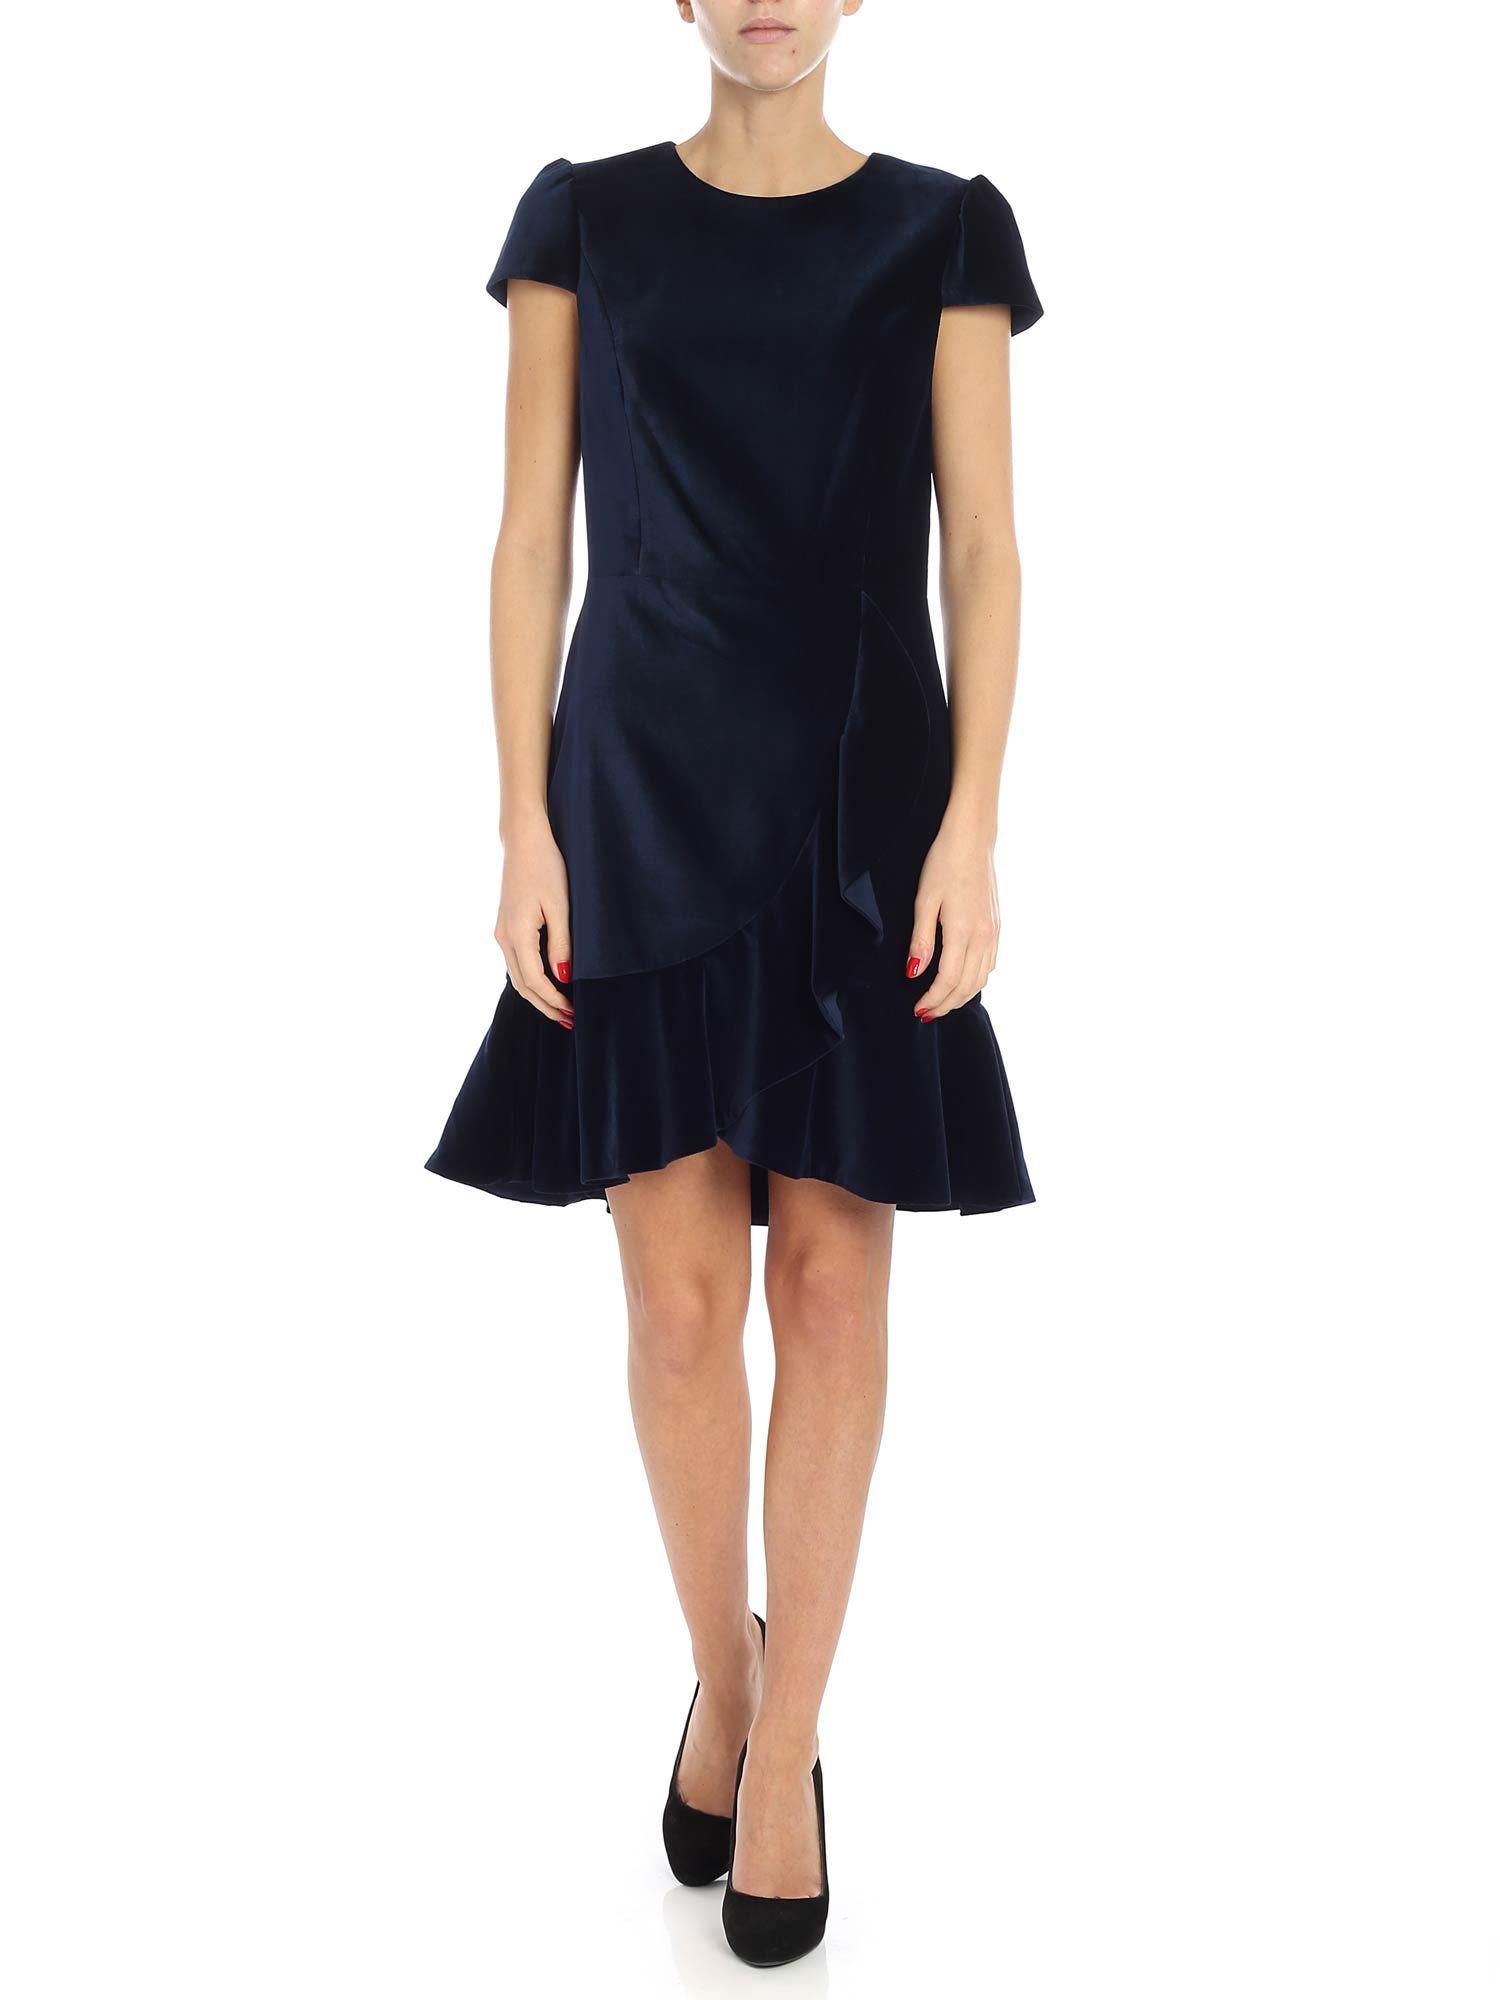 Alice + Olivia Enid Dress